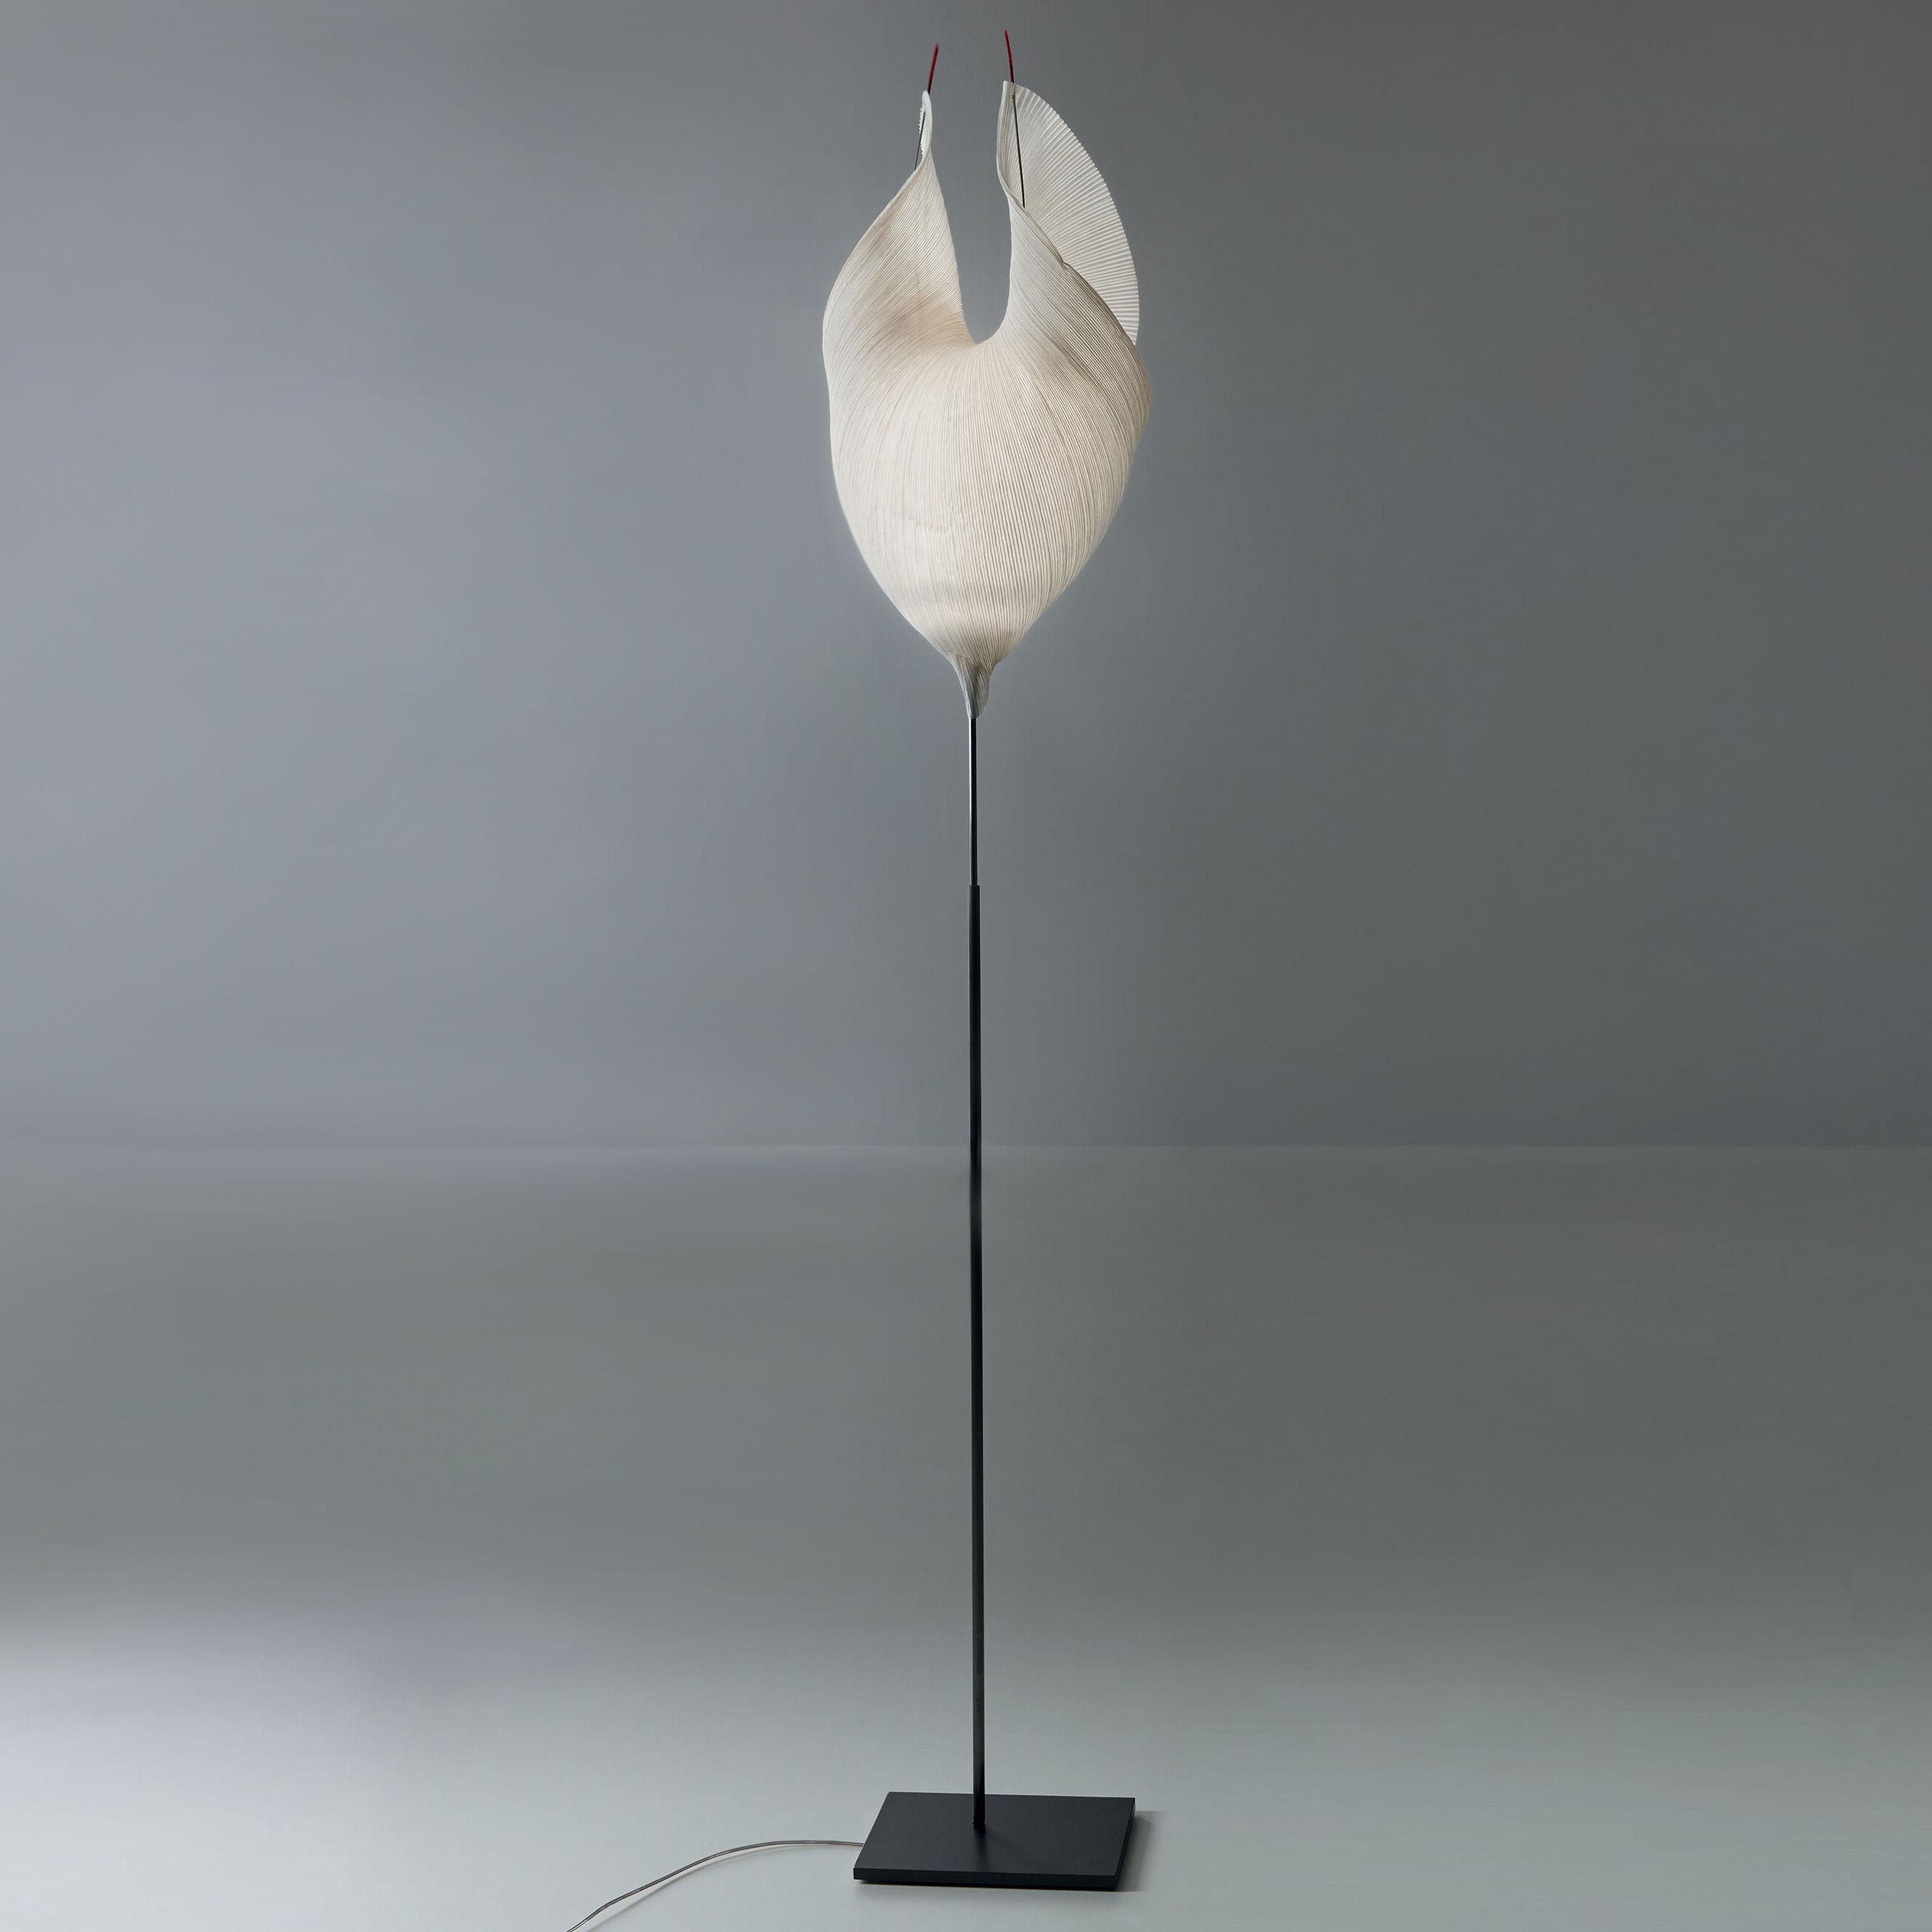 Leuchten - Stehleuchten - The MaMo Nouchies LED Stehleuchte / Babadul - Ingo Maurer - Beige - lackiertes Metall, Papier japonais